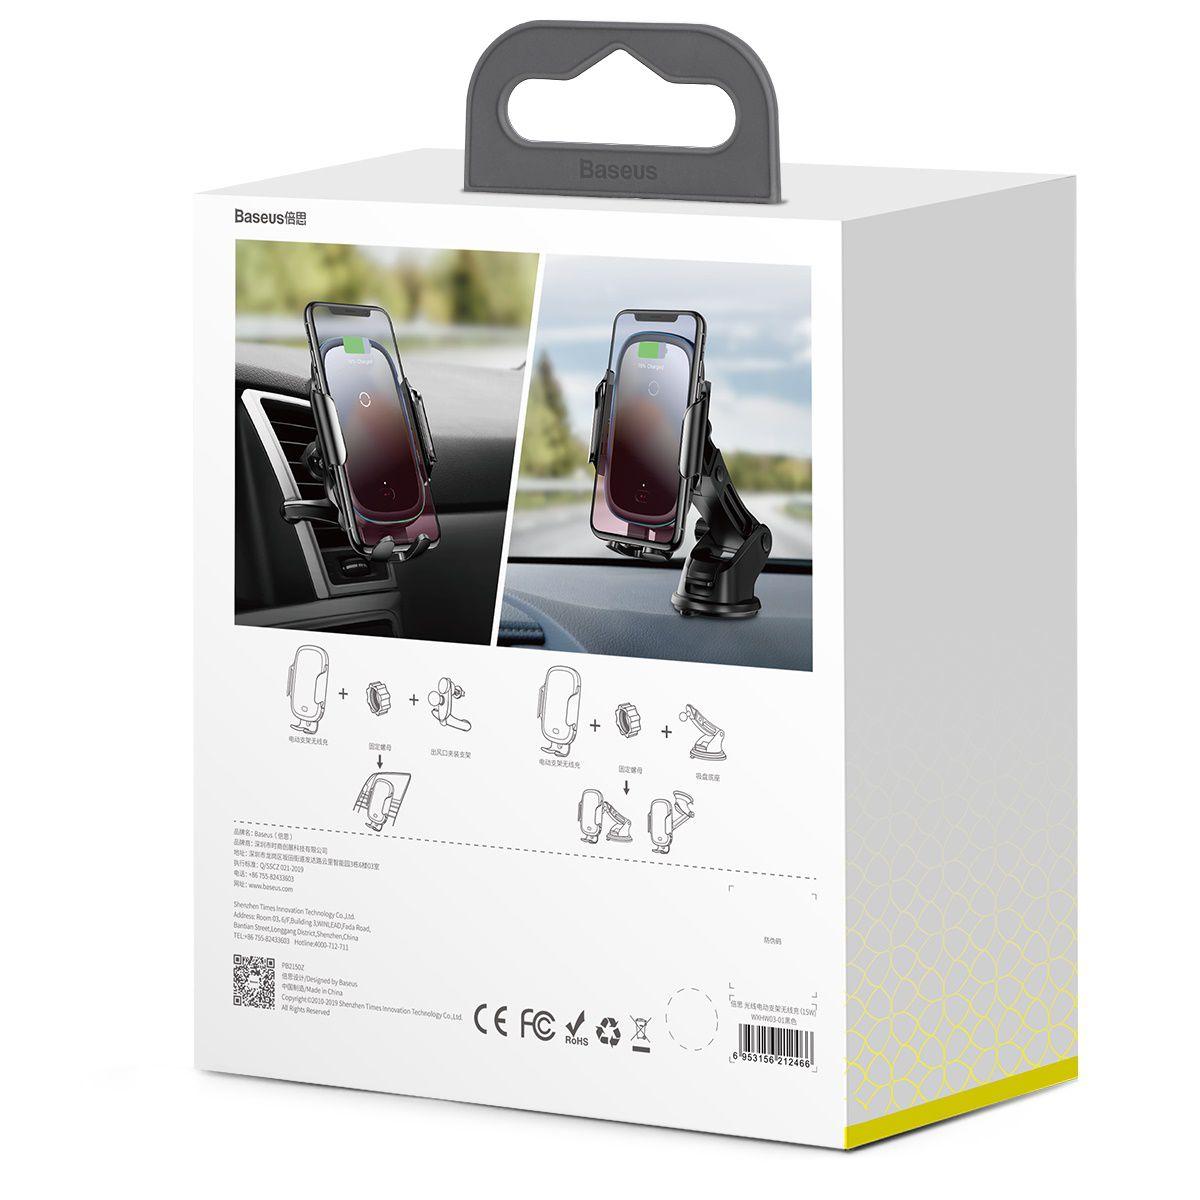 Suporte Veicular com Carregamento Sem Fio Baseus Light 15W